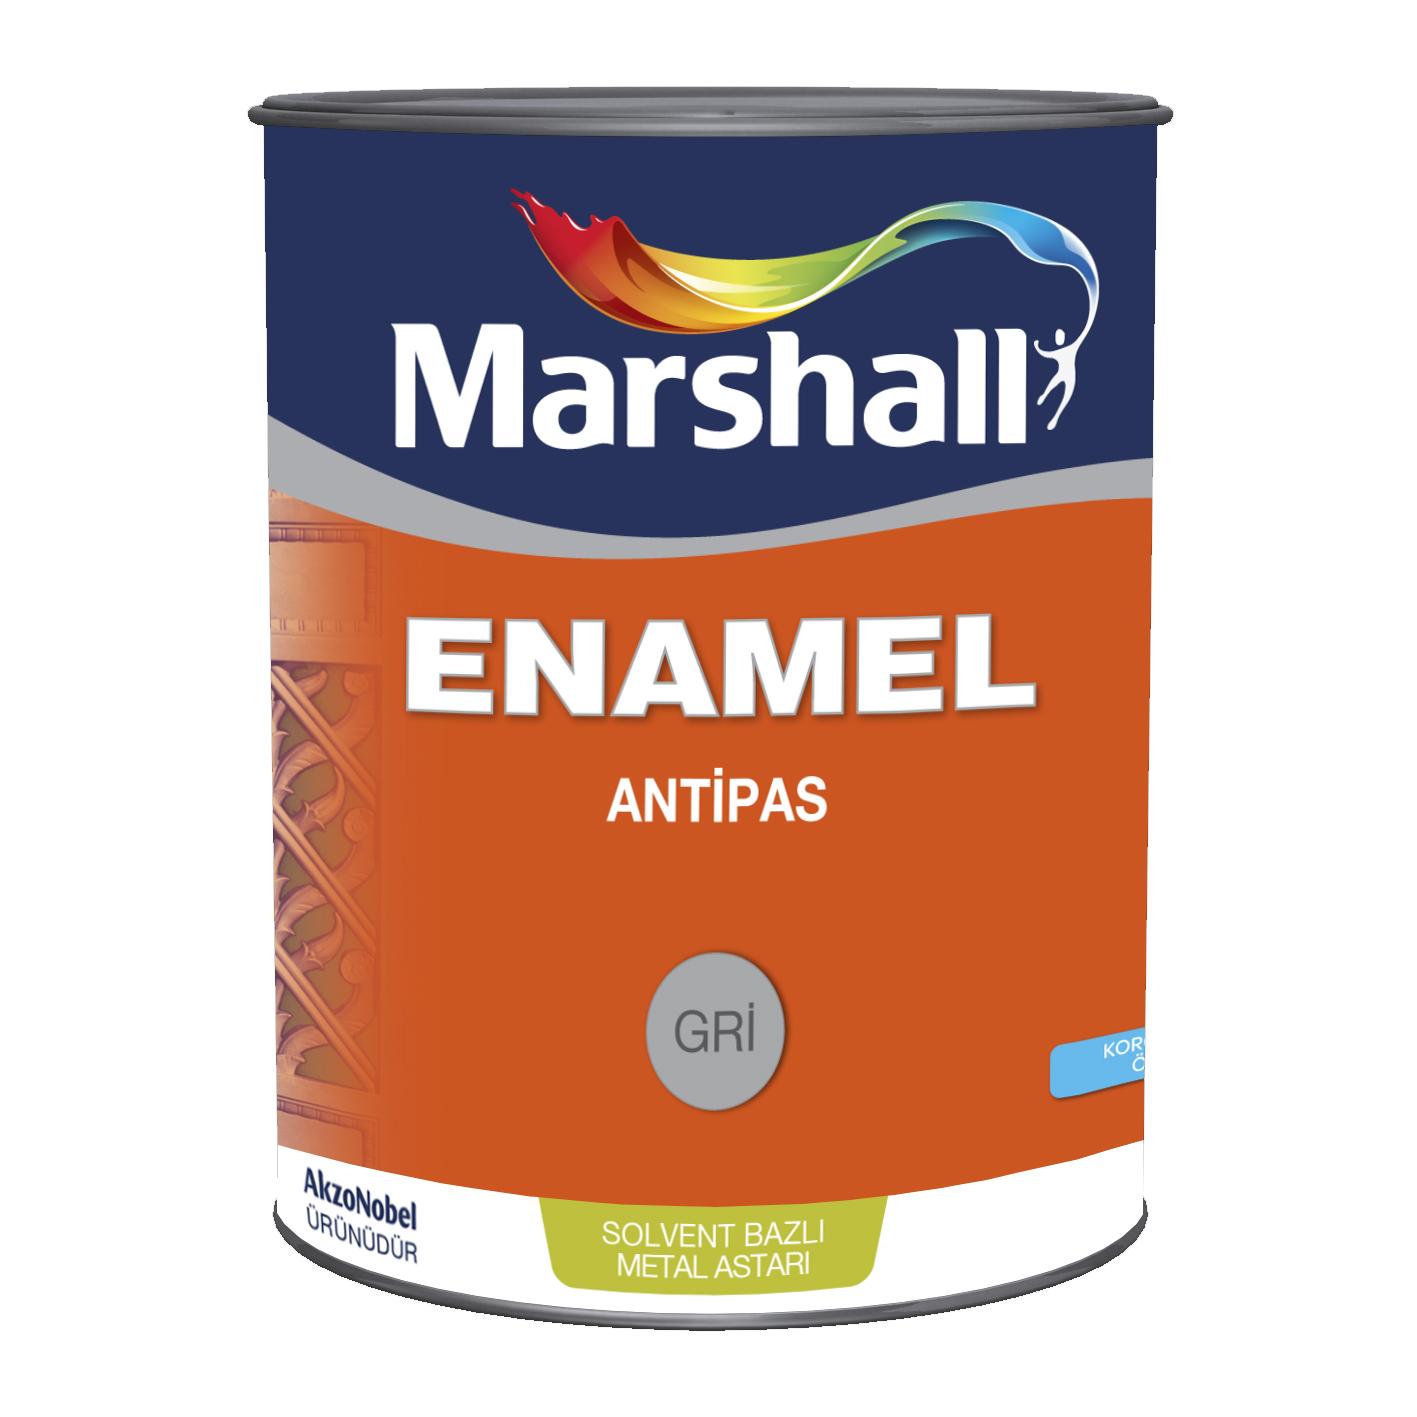 Marshall Enamel Antipas Gri 2.5Lt